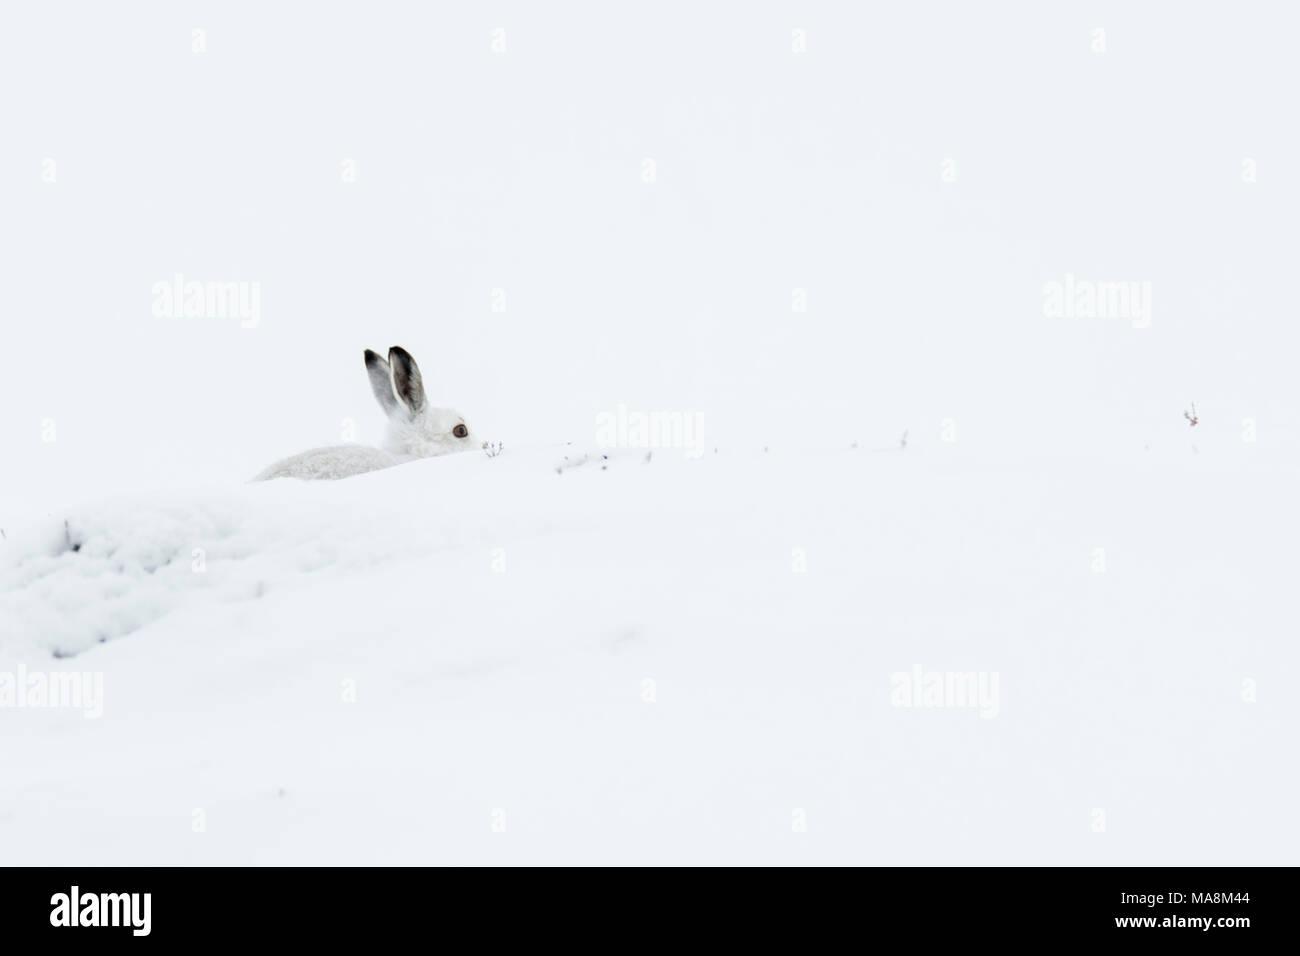 Lièvre variable (Lepus timidus) bien camouflée sur colline couverte de neige dans les Highlands écossais, mars 2018 Photo Stock